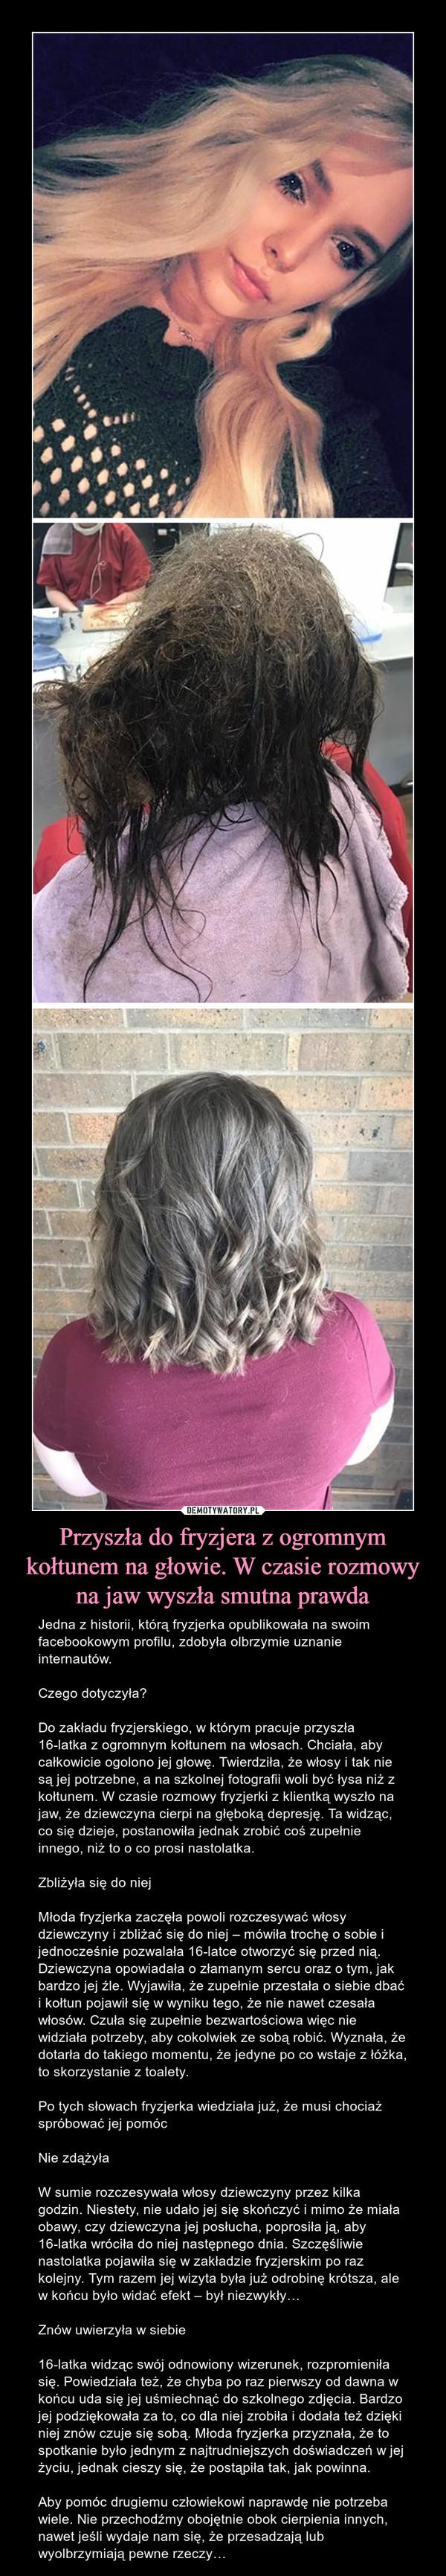 Przyszła do fryzjera z ogromnym kołtunem na głowie. W czasie rozmowy na jaw wyszła smutna prawda – Jedna z historii, którą fryzjerka opublikowała na swoim facebookowym profilu, zdobyła olbrzymie uznanie internautów.Czego dotyczyła?Do zakładu fryzjerskiego, w którym pracuje przyszła 16-latka z ogromnym kołtunem na włosach. Chciała, aby całkowicie ogolono jej głowę. Twierdziła, że włosy i tak nie są jej potrzebne, a na szkolnej fotografii woli być łysa niż z kołtunem. W czasie rozmowy fryzjerki z klientką wyszło na jaw, że dziewczyna cierpi na głęboką depresję. Ta widząc, co się dzieje, postanowiła jednak zrobić coś zupełnie innego, niż to o co prosi nastolatka.Zbliżyła się do niejMłoda fryzjerka zaczęła powoli rozczesywać włosy dziewczyny i zbliżać się do niej – mówiła trochę o sobie i jednocześnie pozwalała 16-latce otworzyć się przed nią. Dziewczyna opowiadała o złamanym sercu oraz o tym, jak bardzo jej źle. Wyjawiła, że zupełnie przestała o siebie dbać i kołtun pojawił się w wyniku tego, że nie nawet czesała włosów. Czuła się zupełnie bezwartościowa więc nie widziała potrzeby, aby cokolwiek ze sobą robić. Wyznała, że dotarła do takiego momentu, że jedyne po co wstaje z łóżka, to skorzystanie z toalety.Po tych słowach fryzjerka wiedziała już, że musi chociaż spróbować jej pomócNie zdążyłaW sumie rozczesywała włosy dziewczyny przez kilka godzin. Niestety, nie udało jej się skończyć i mimo że miała obawy, czy dziewczyna jej posłucha, poprosiła ją, aby 16-latka wróciła do niej następnego dnia. Szczęśliwie nastolatka pojawiła się w zakładzie fryzjerskim po raz kolejny. Tym razem jej wizyta była już odrobinę krótsza, ale w końcu było widać efekt – był niezwykły…Znów uwierzyła w siebie16-latka widząc swój odnowiony wizerunek, rozpromieniła się. Powiedziała też, że chyba po raz pierwszy od dawna w końcu uda się jej uśmiechnąć do szkolnego zdjęcia. Bardzo jej podziękowała za to, co dla niej zrobiła i dodała też dzięki niej znów czuje się sobą. Młoda fryzjerka przyznała, że